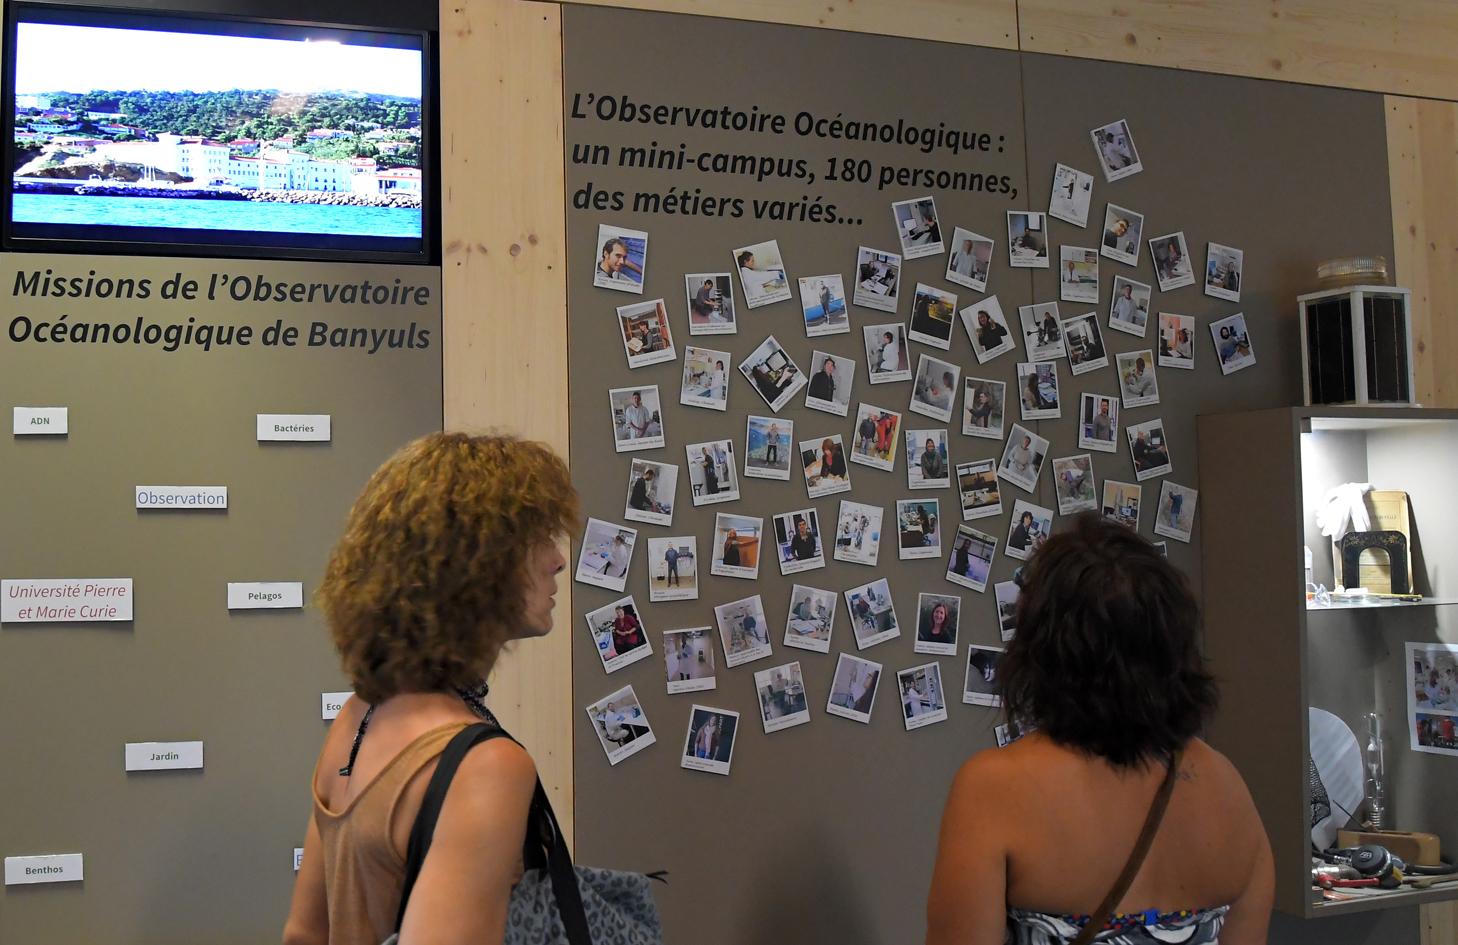 OBSERVATOIRE OCEANOLOGIQUE DE BANYULS - FONDATION GROUPE DEPECHE